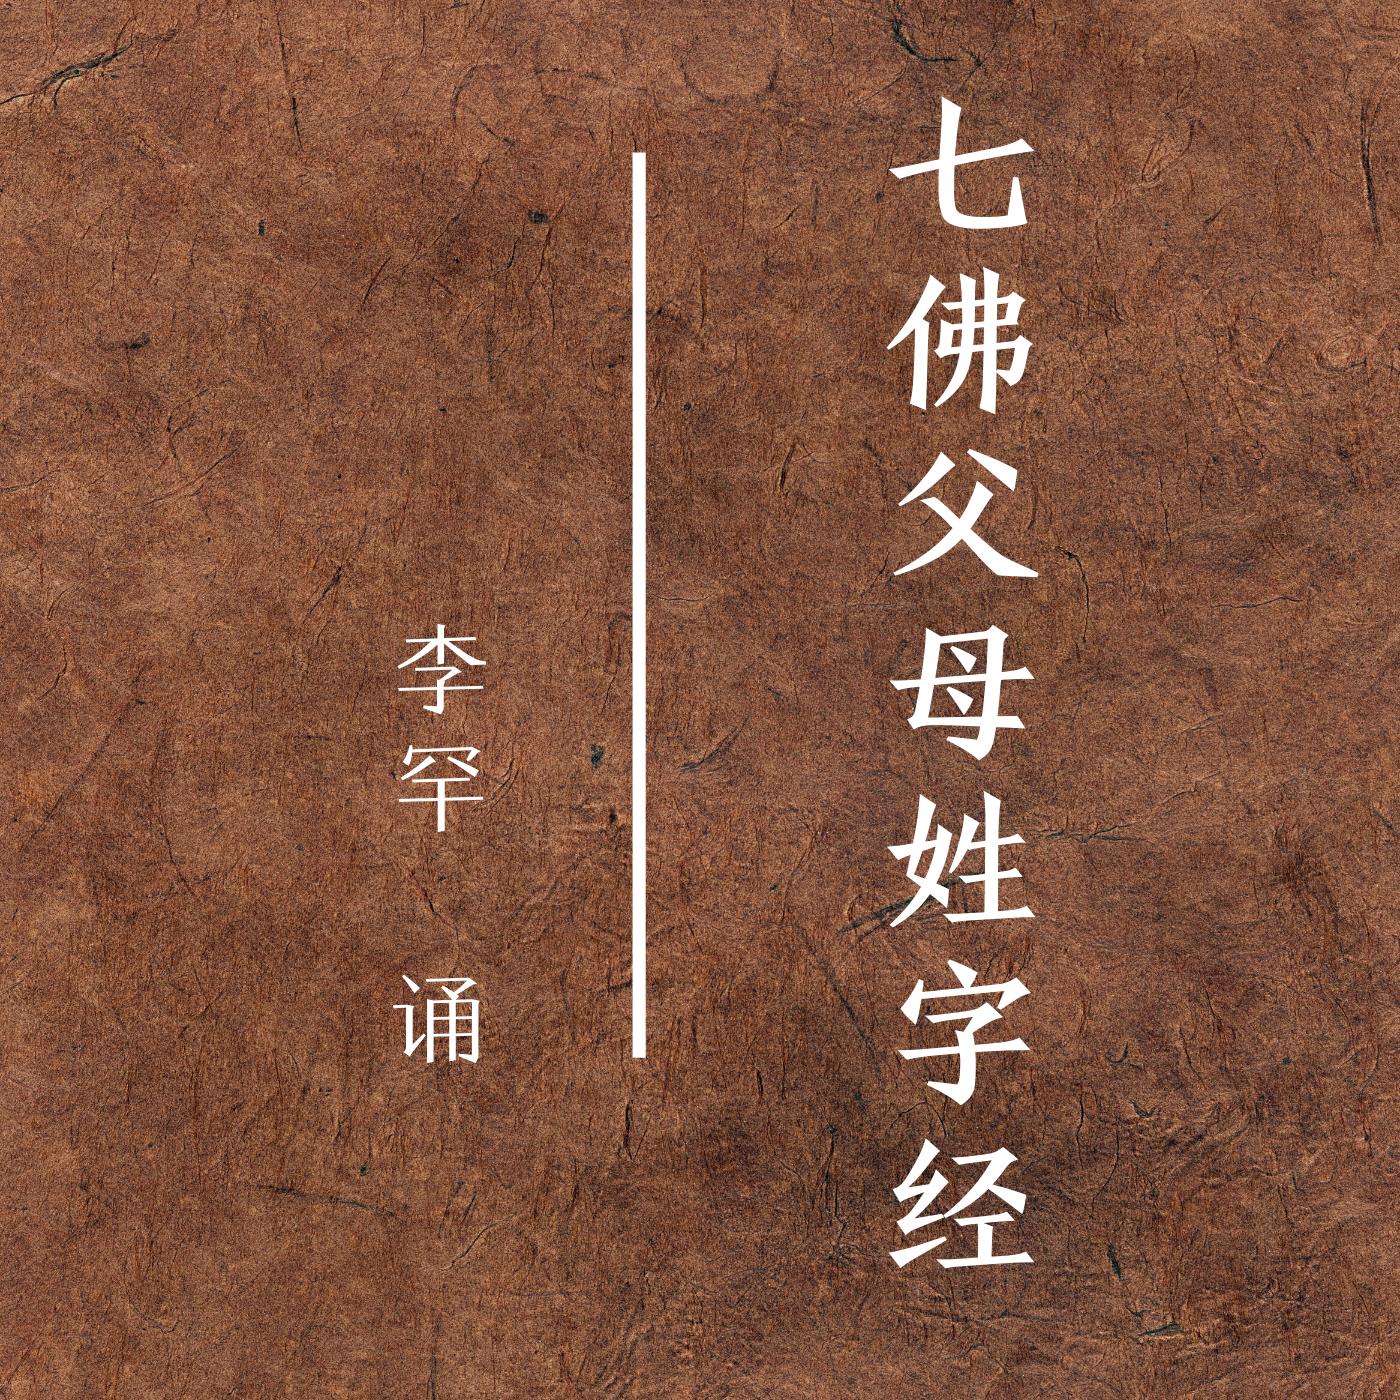 七佛父母姓字经_全卷